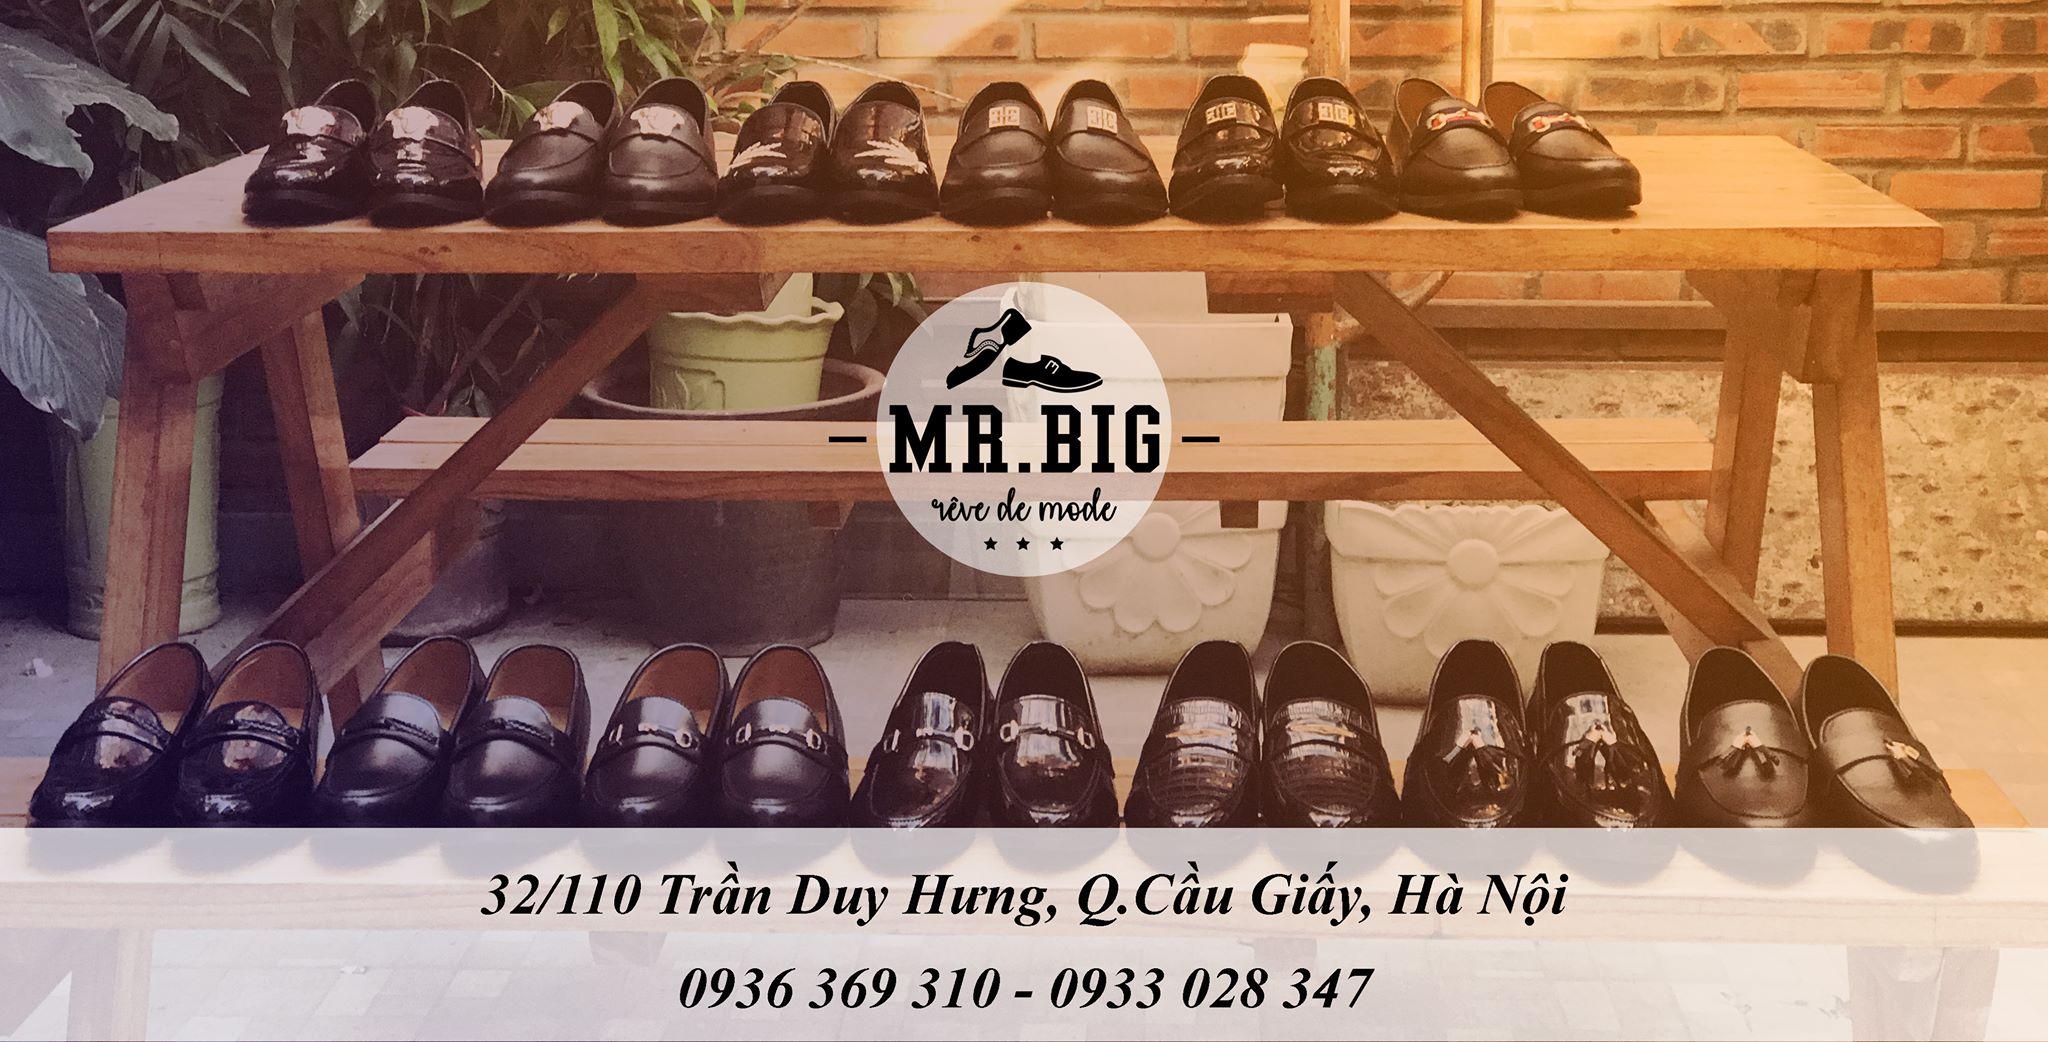 Shop giày lười nam Mr.Big Store tại Hà Nội .